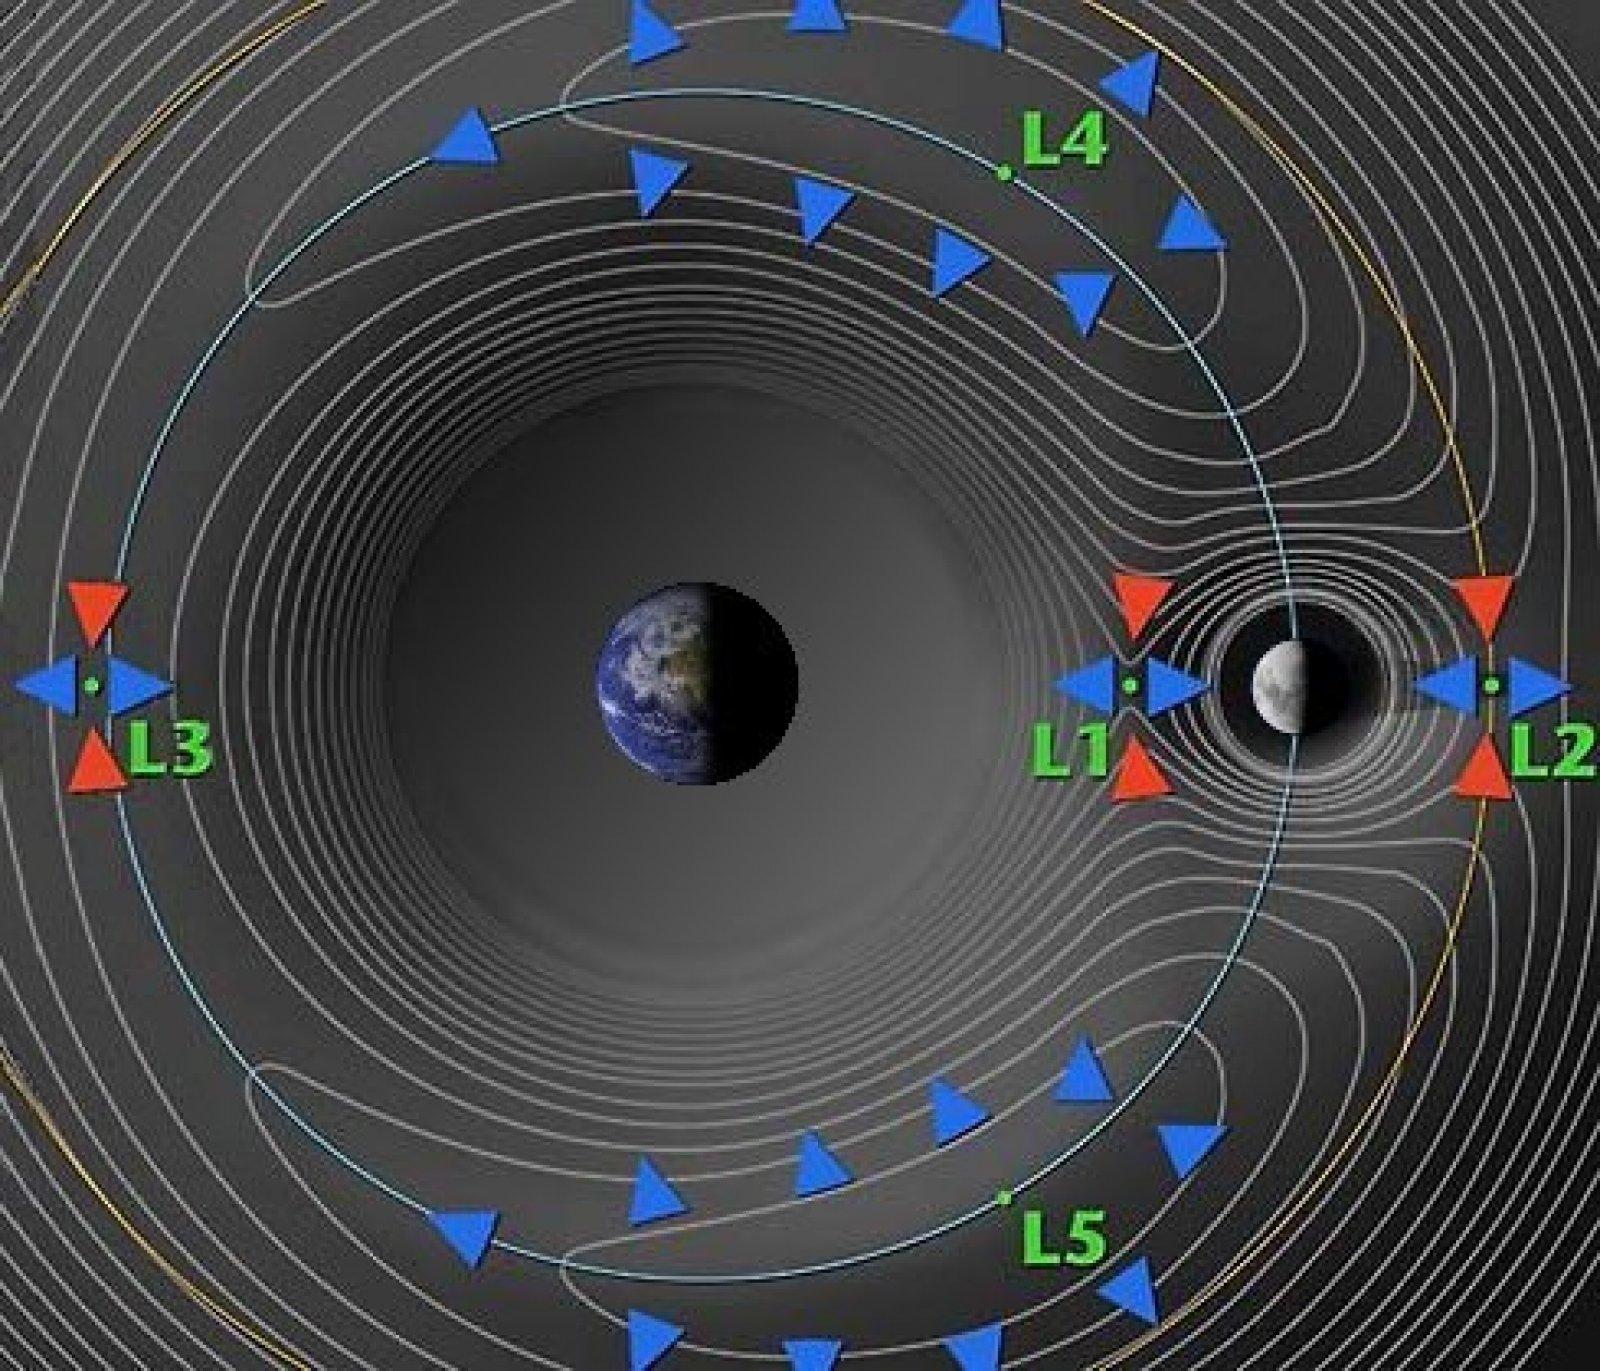 Els punts de Lagrange al voltant de la Terra. Els núvols de Kordylewski són a L4 i L5